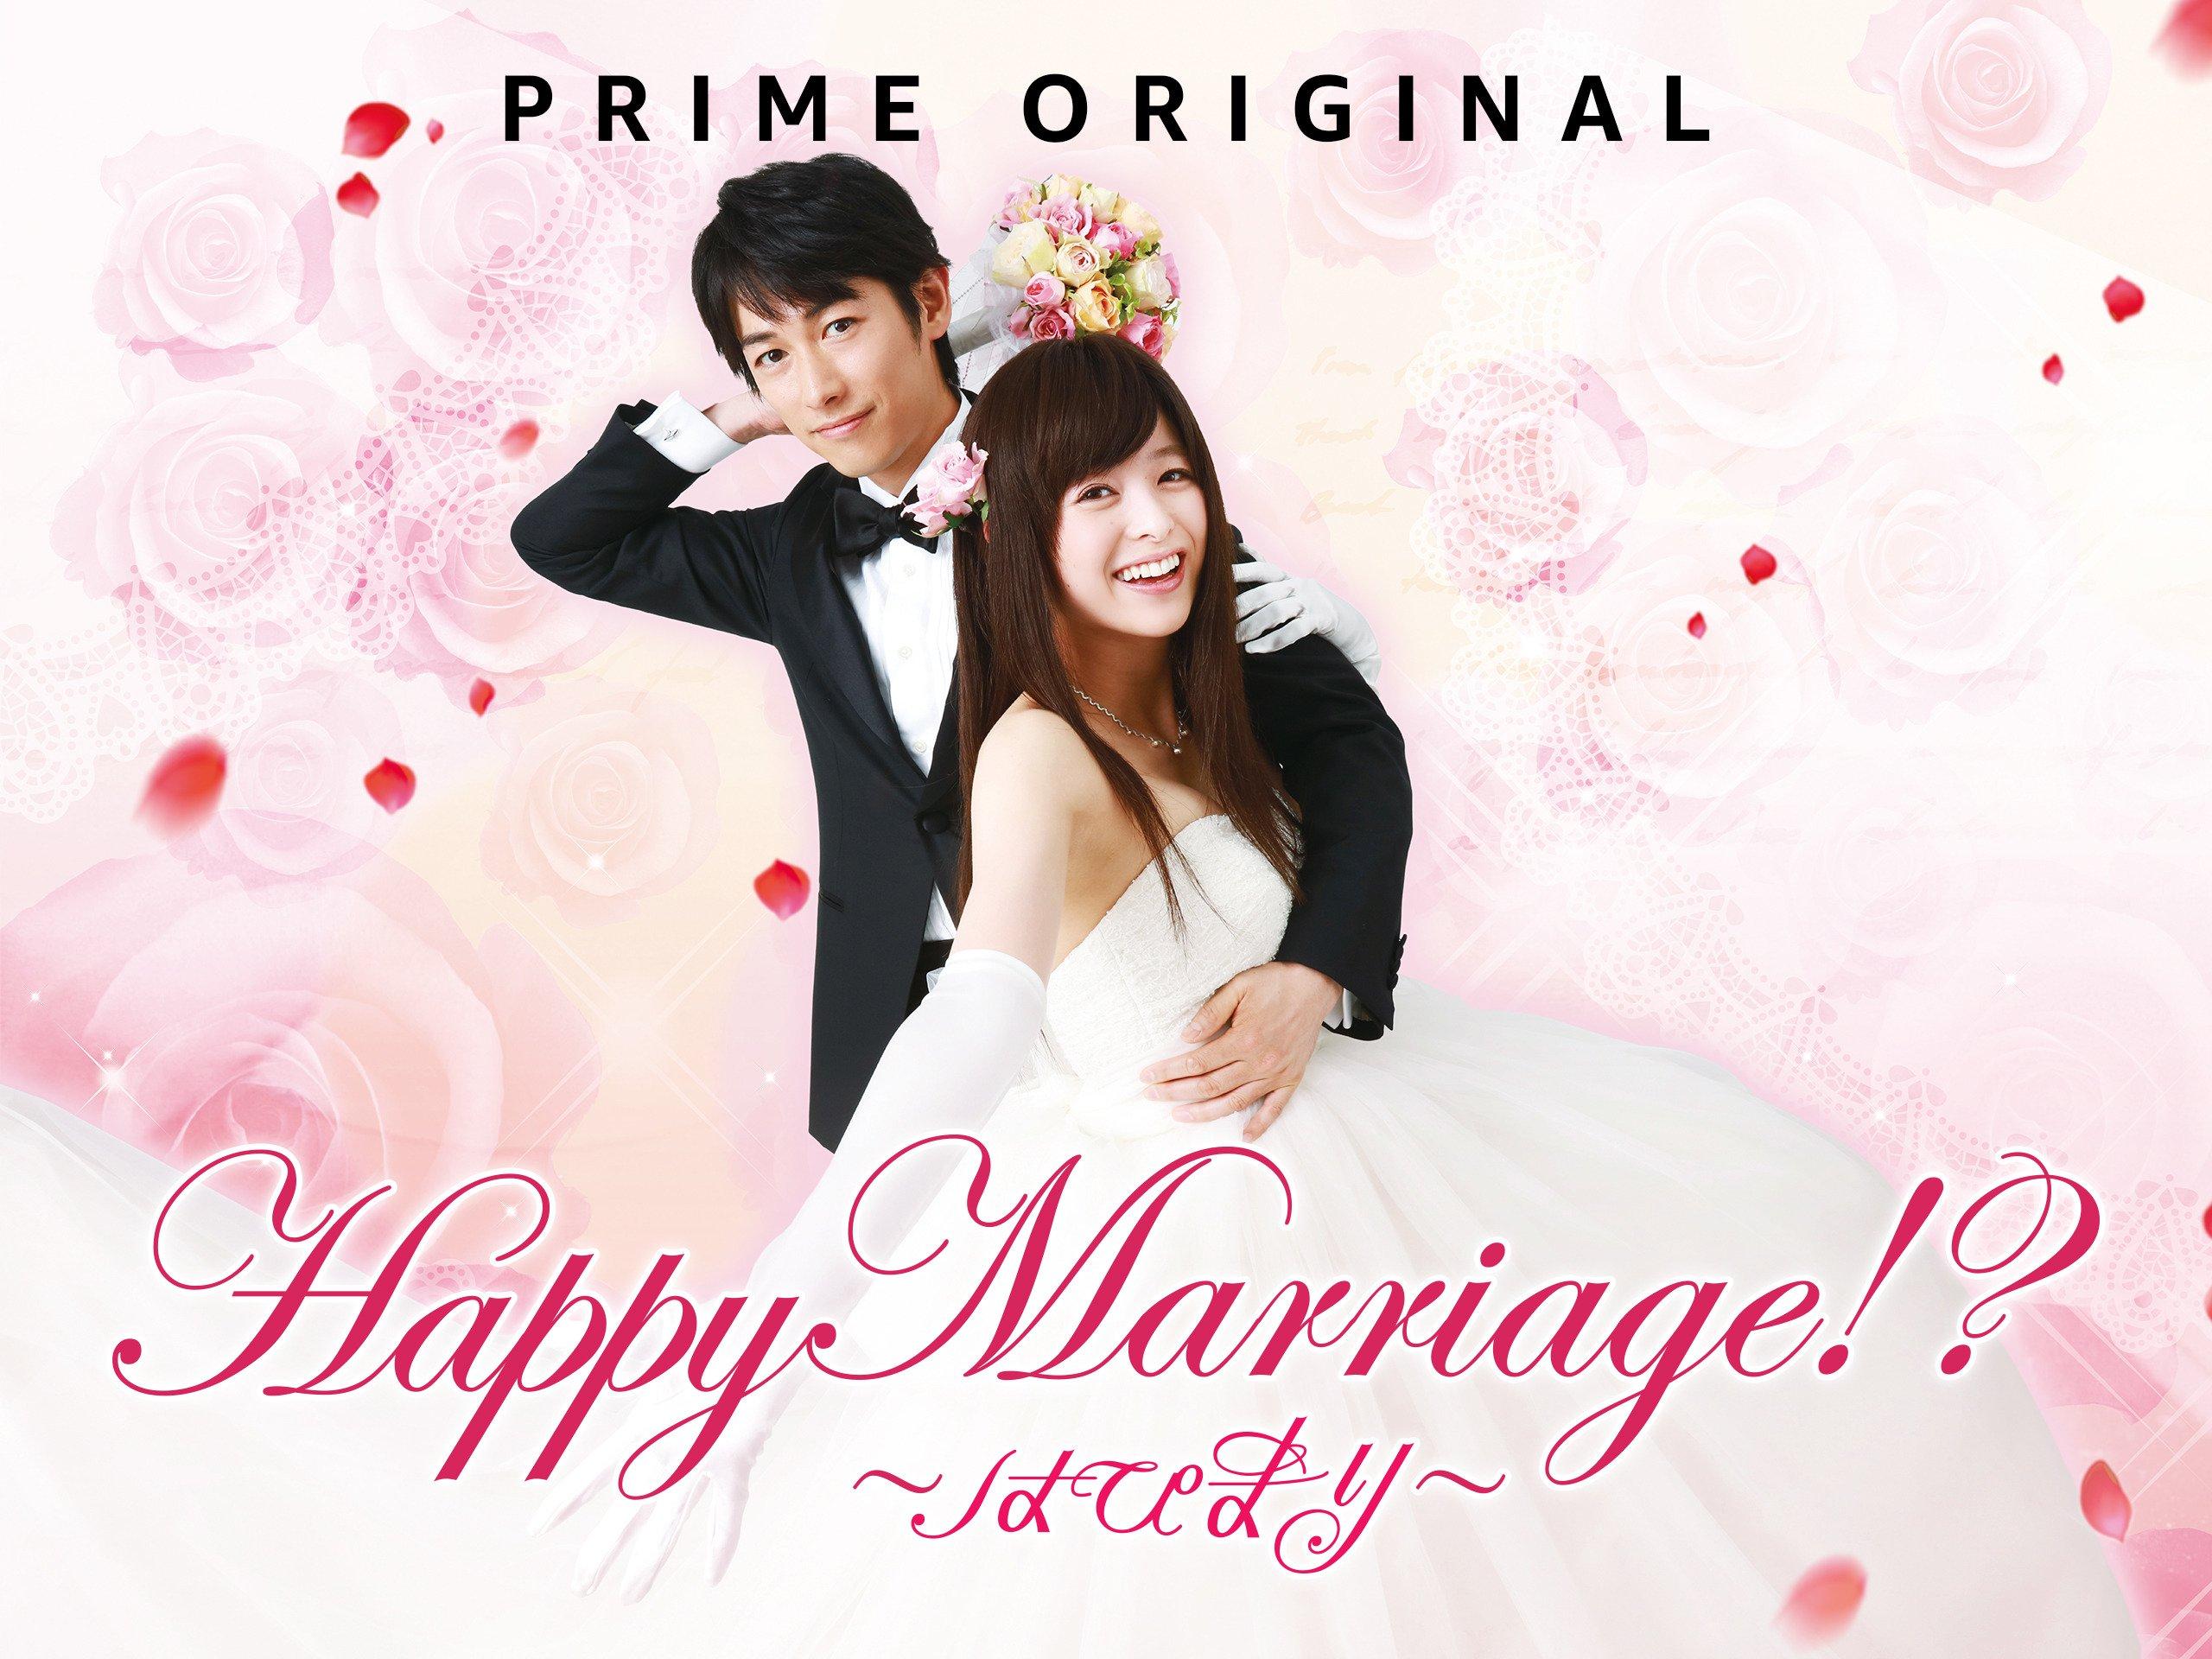 Happy Marriage!? Season 1